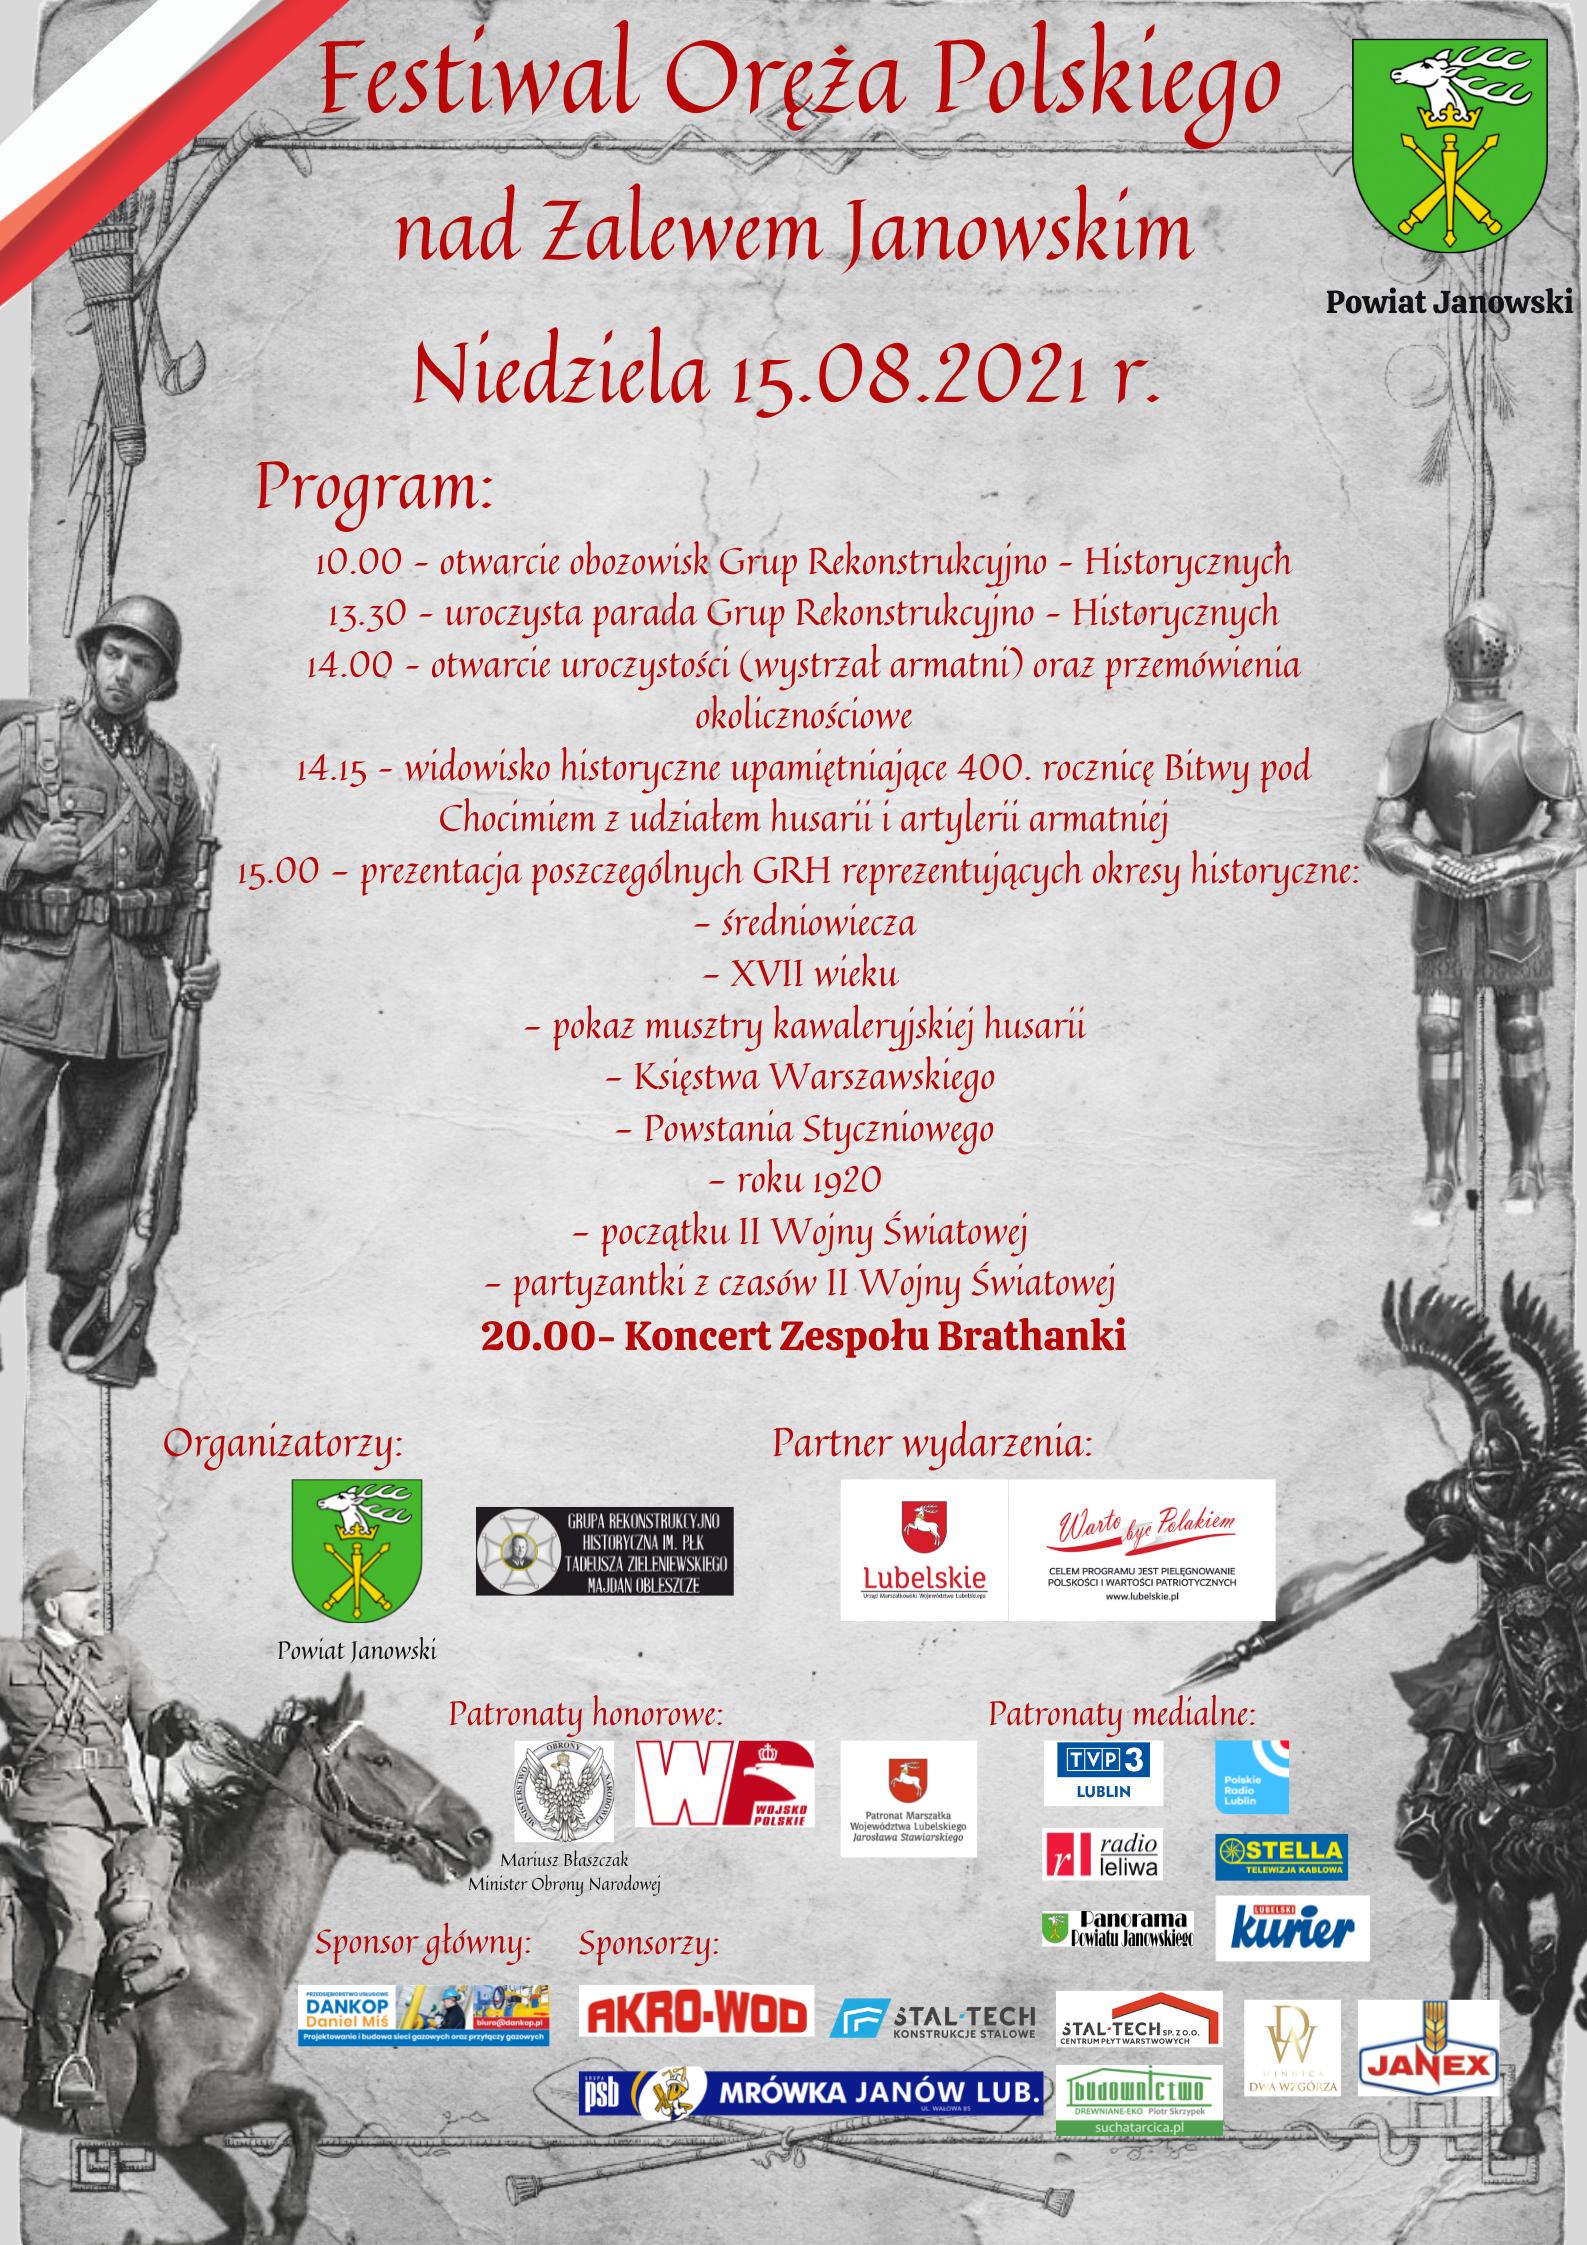 Festiwal Oręża Polskiego nad Zalewem Janowskim